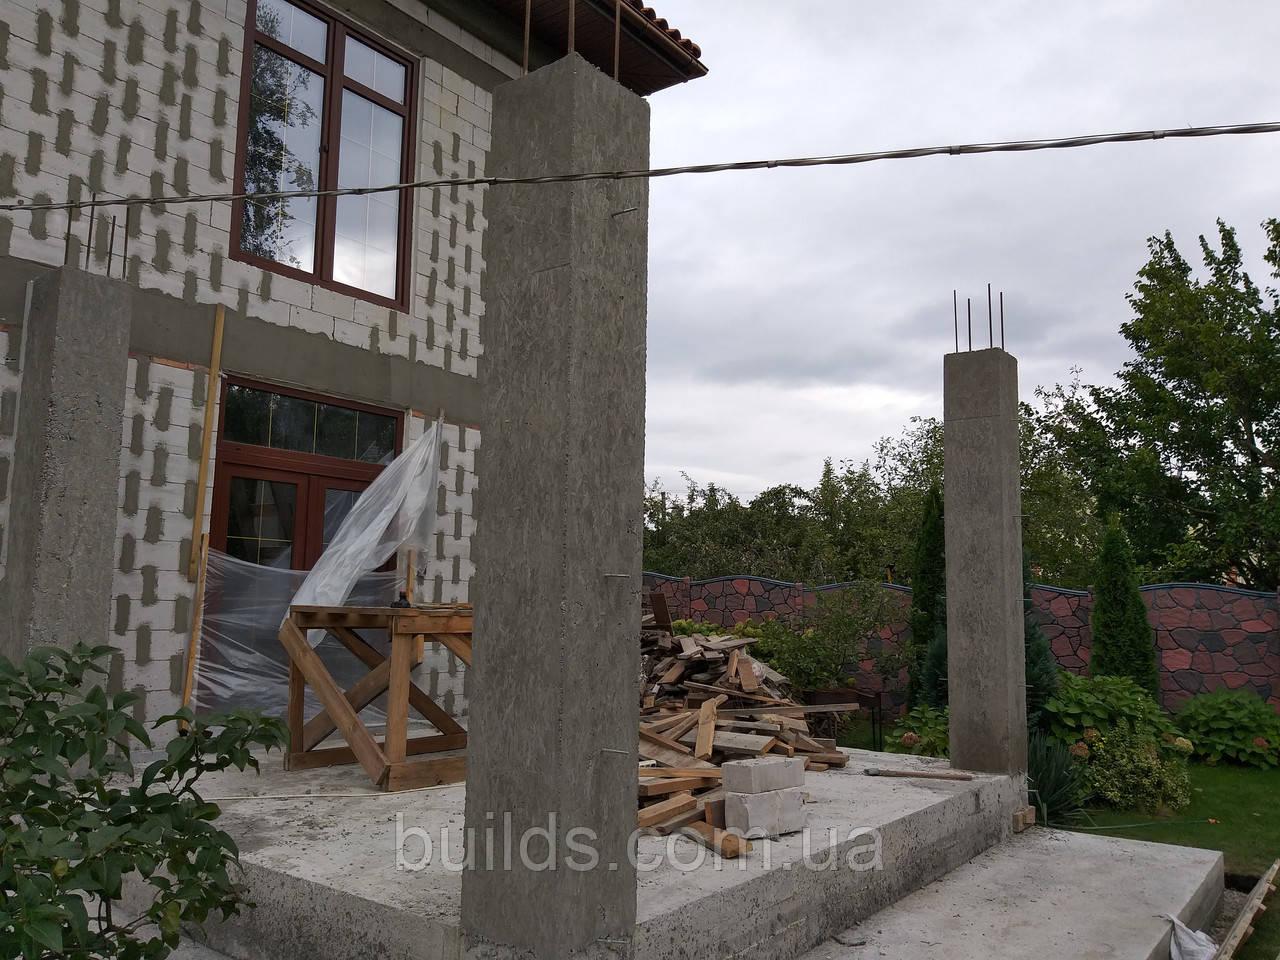 Заливка бетонных колон